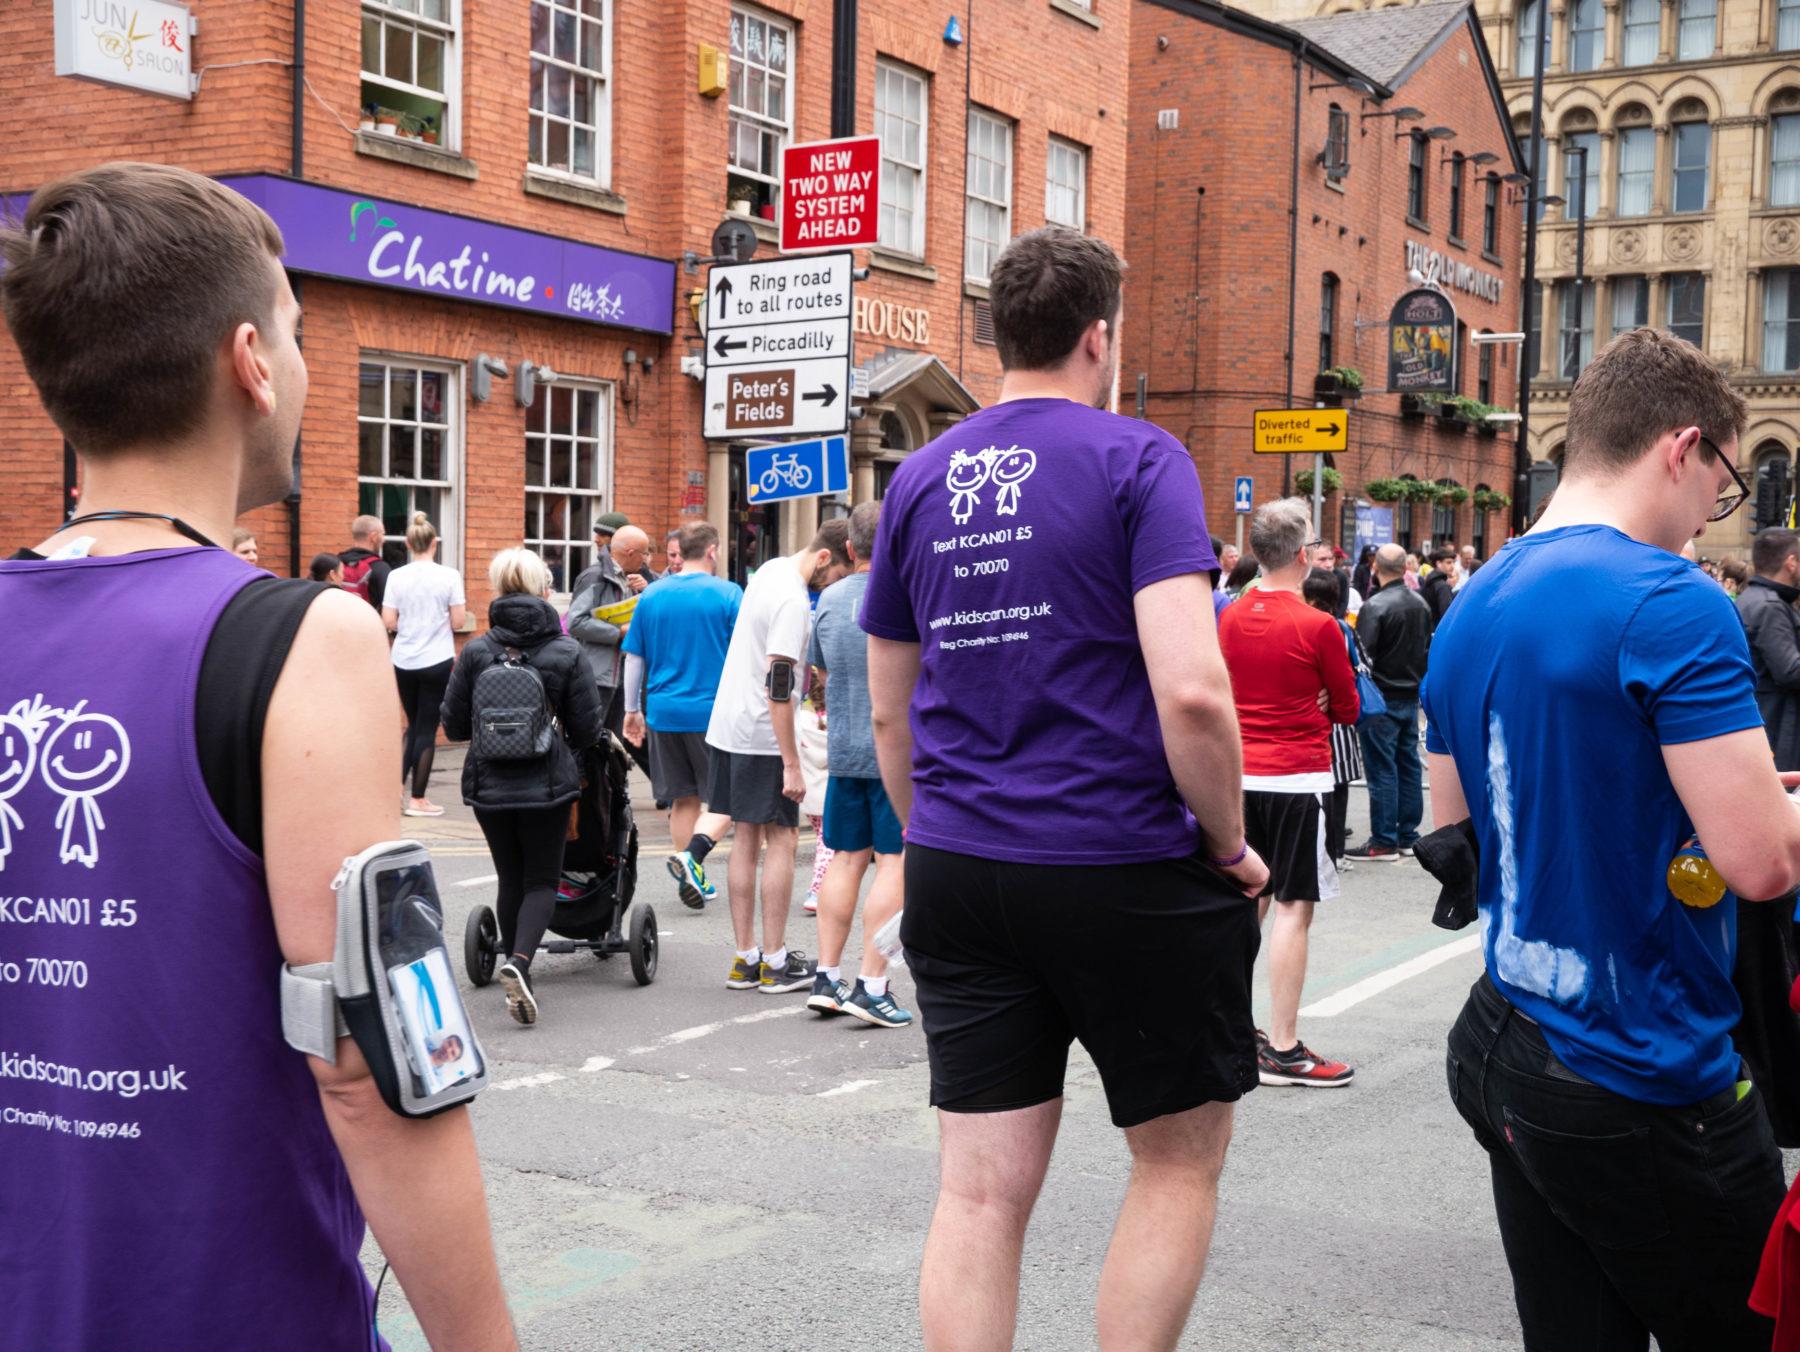 Liverpool-Rock-&-Roll-Half-Marathon-Kidscan-Childrens-Cancer-Research